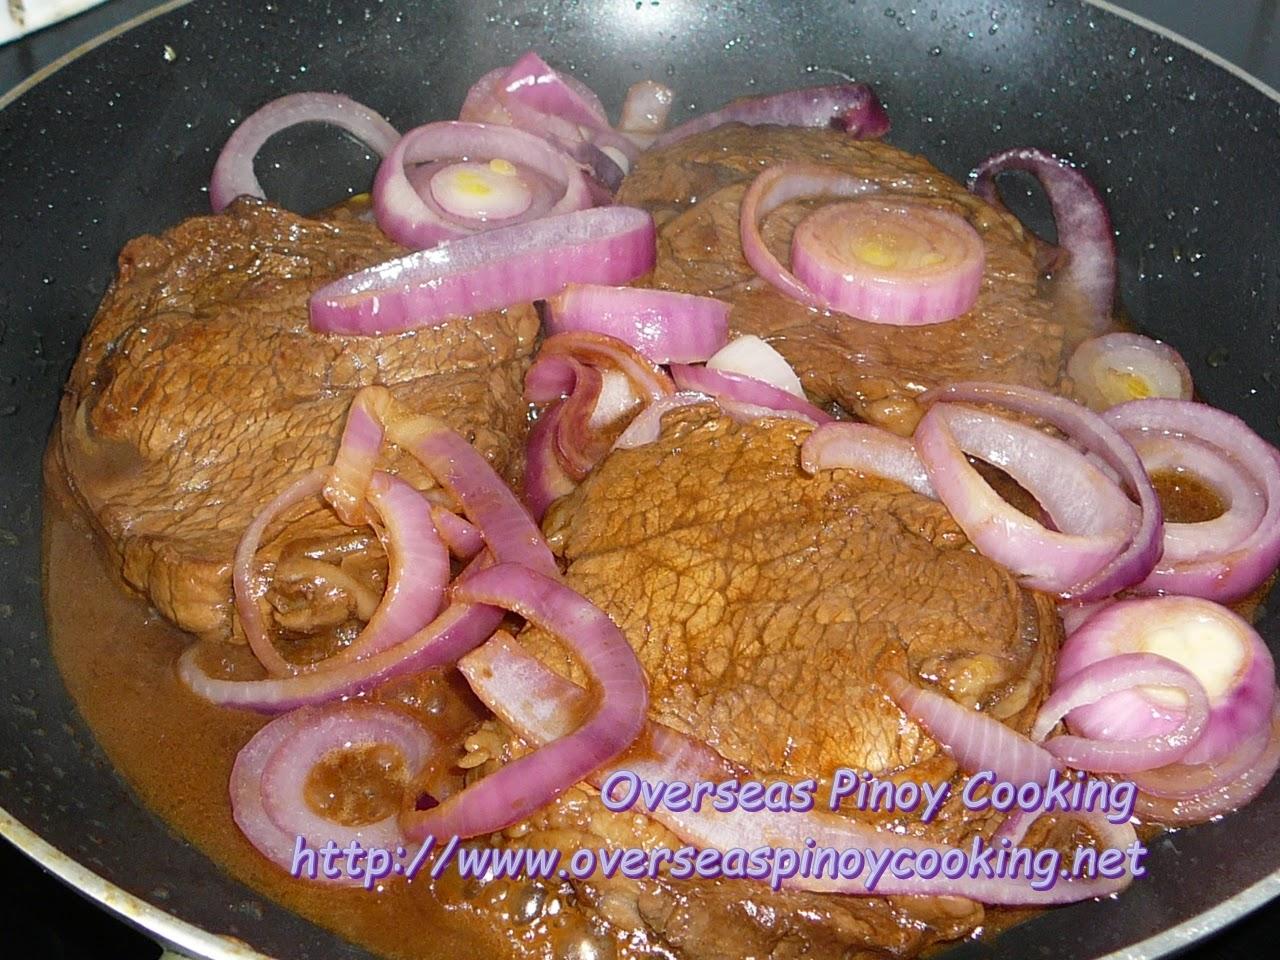 Beef Sirloin Steak, Bistek Style - Cooking Procedure